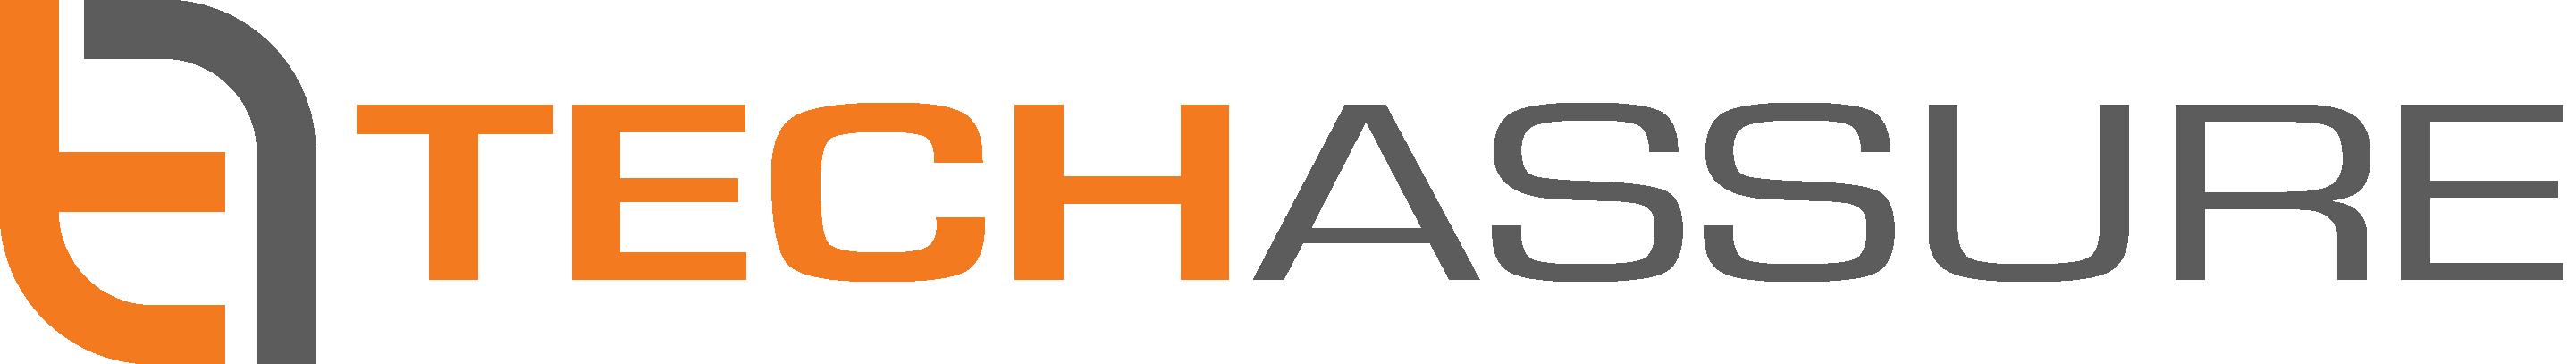 Techassure Logo - Relativity6 Customers